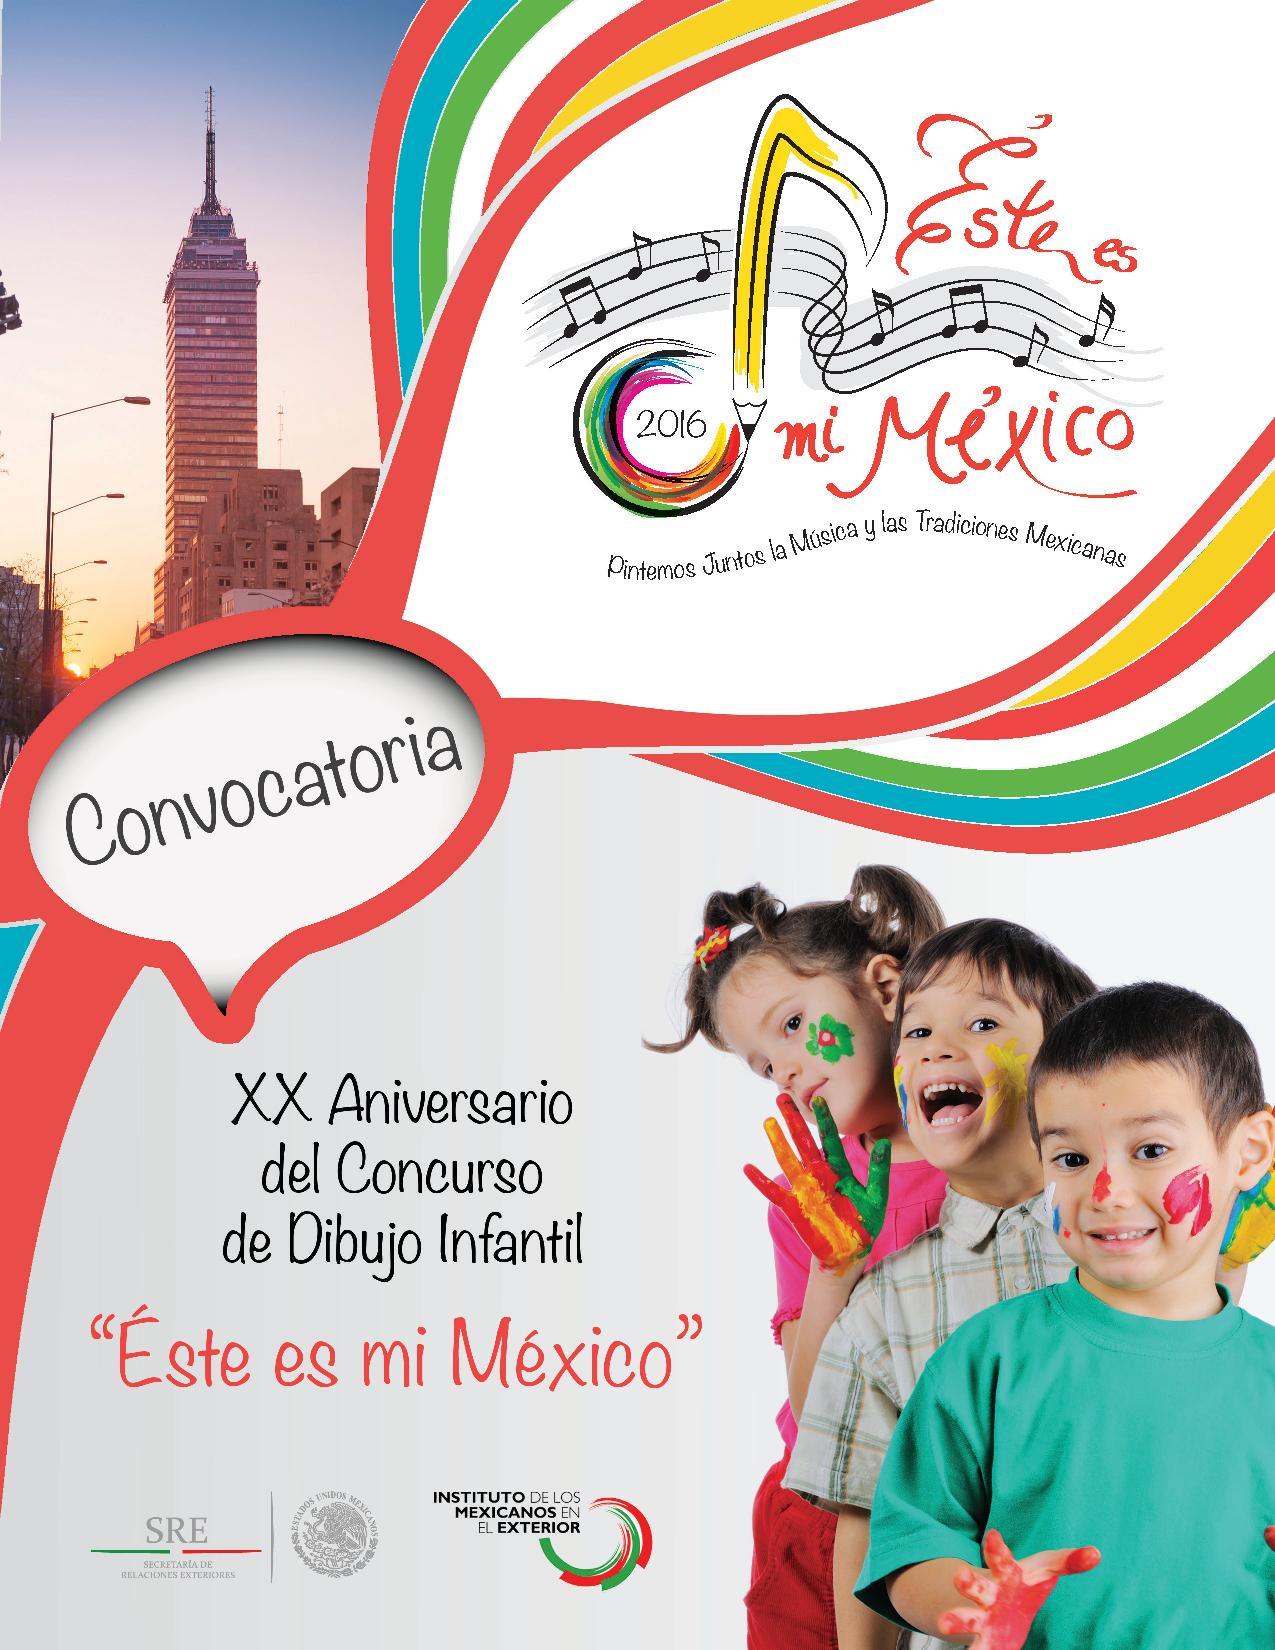 Instituto de los mexicanos en el exterior - Instituto de los mexicanos en el exterior ...